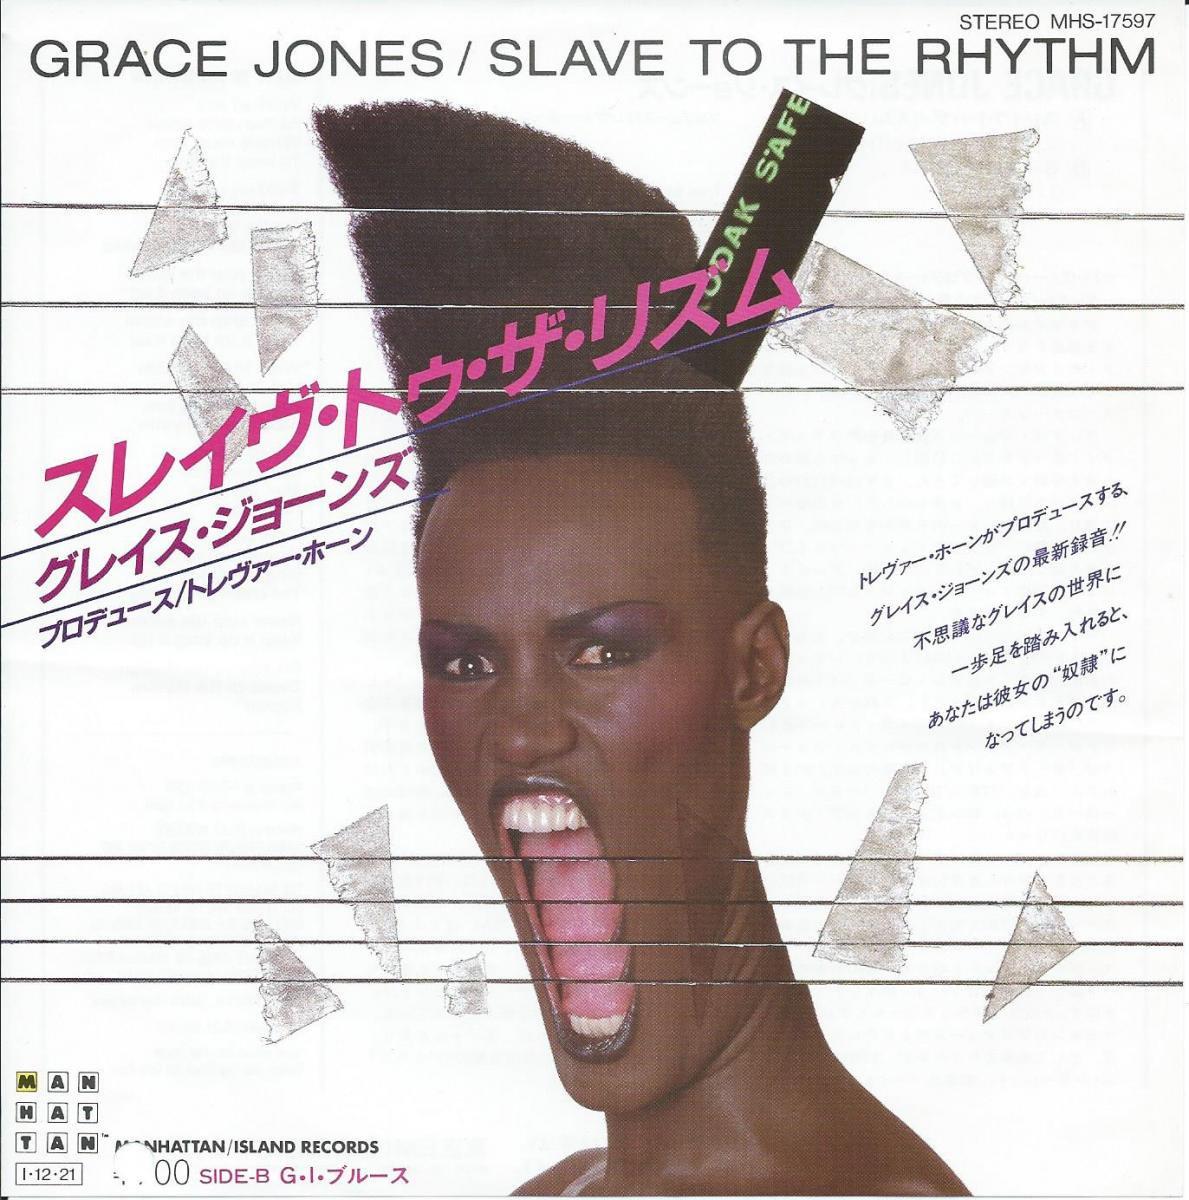 グレイス・ジョーンズ GRACE JONES / スレイヴ・トゥ・ザ・リズム SLAVE TO THE RHYTHM (7